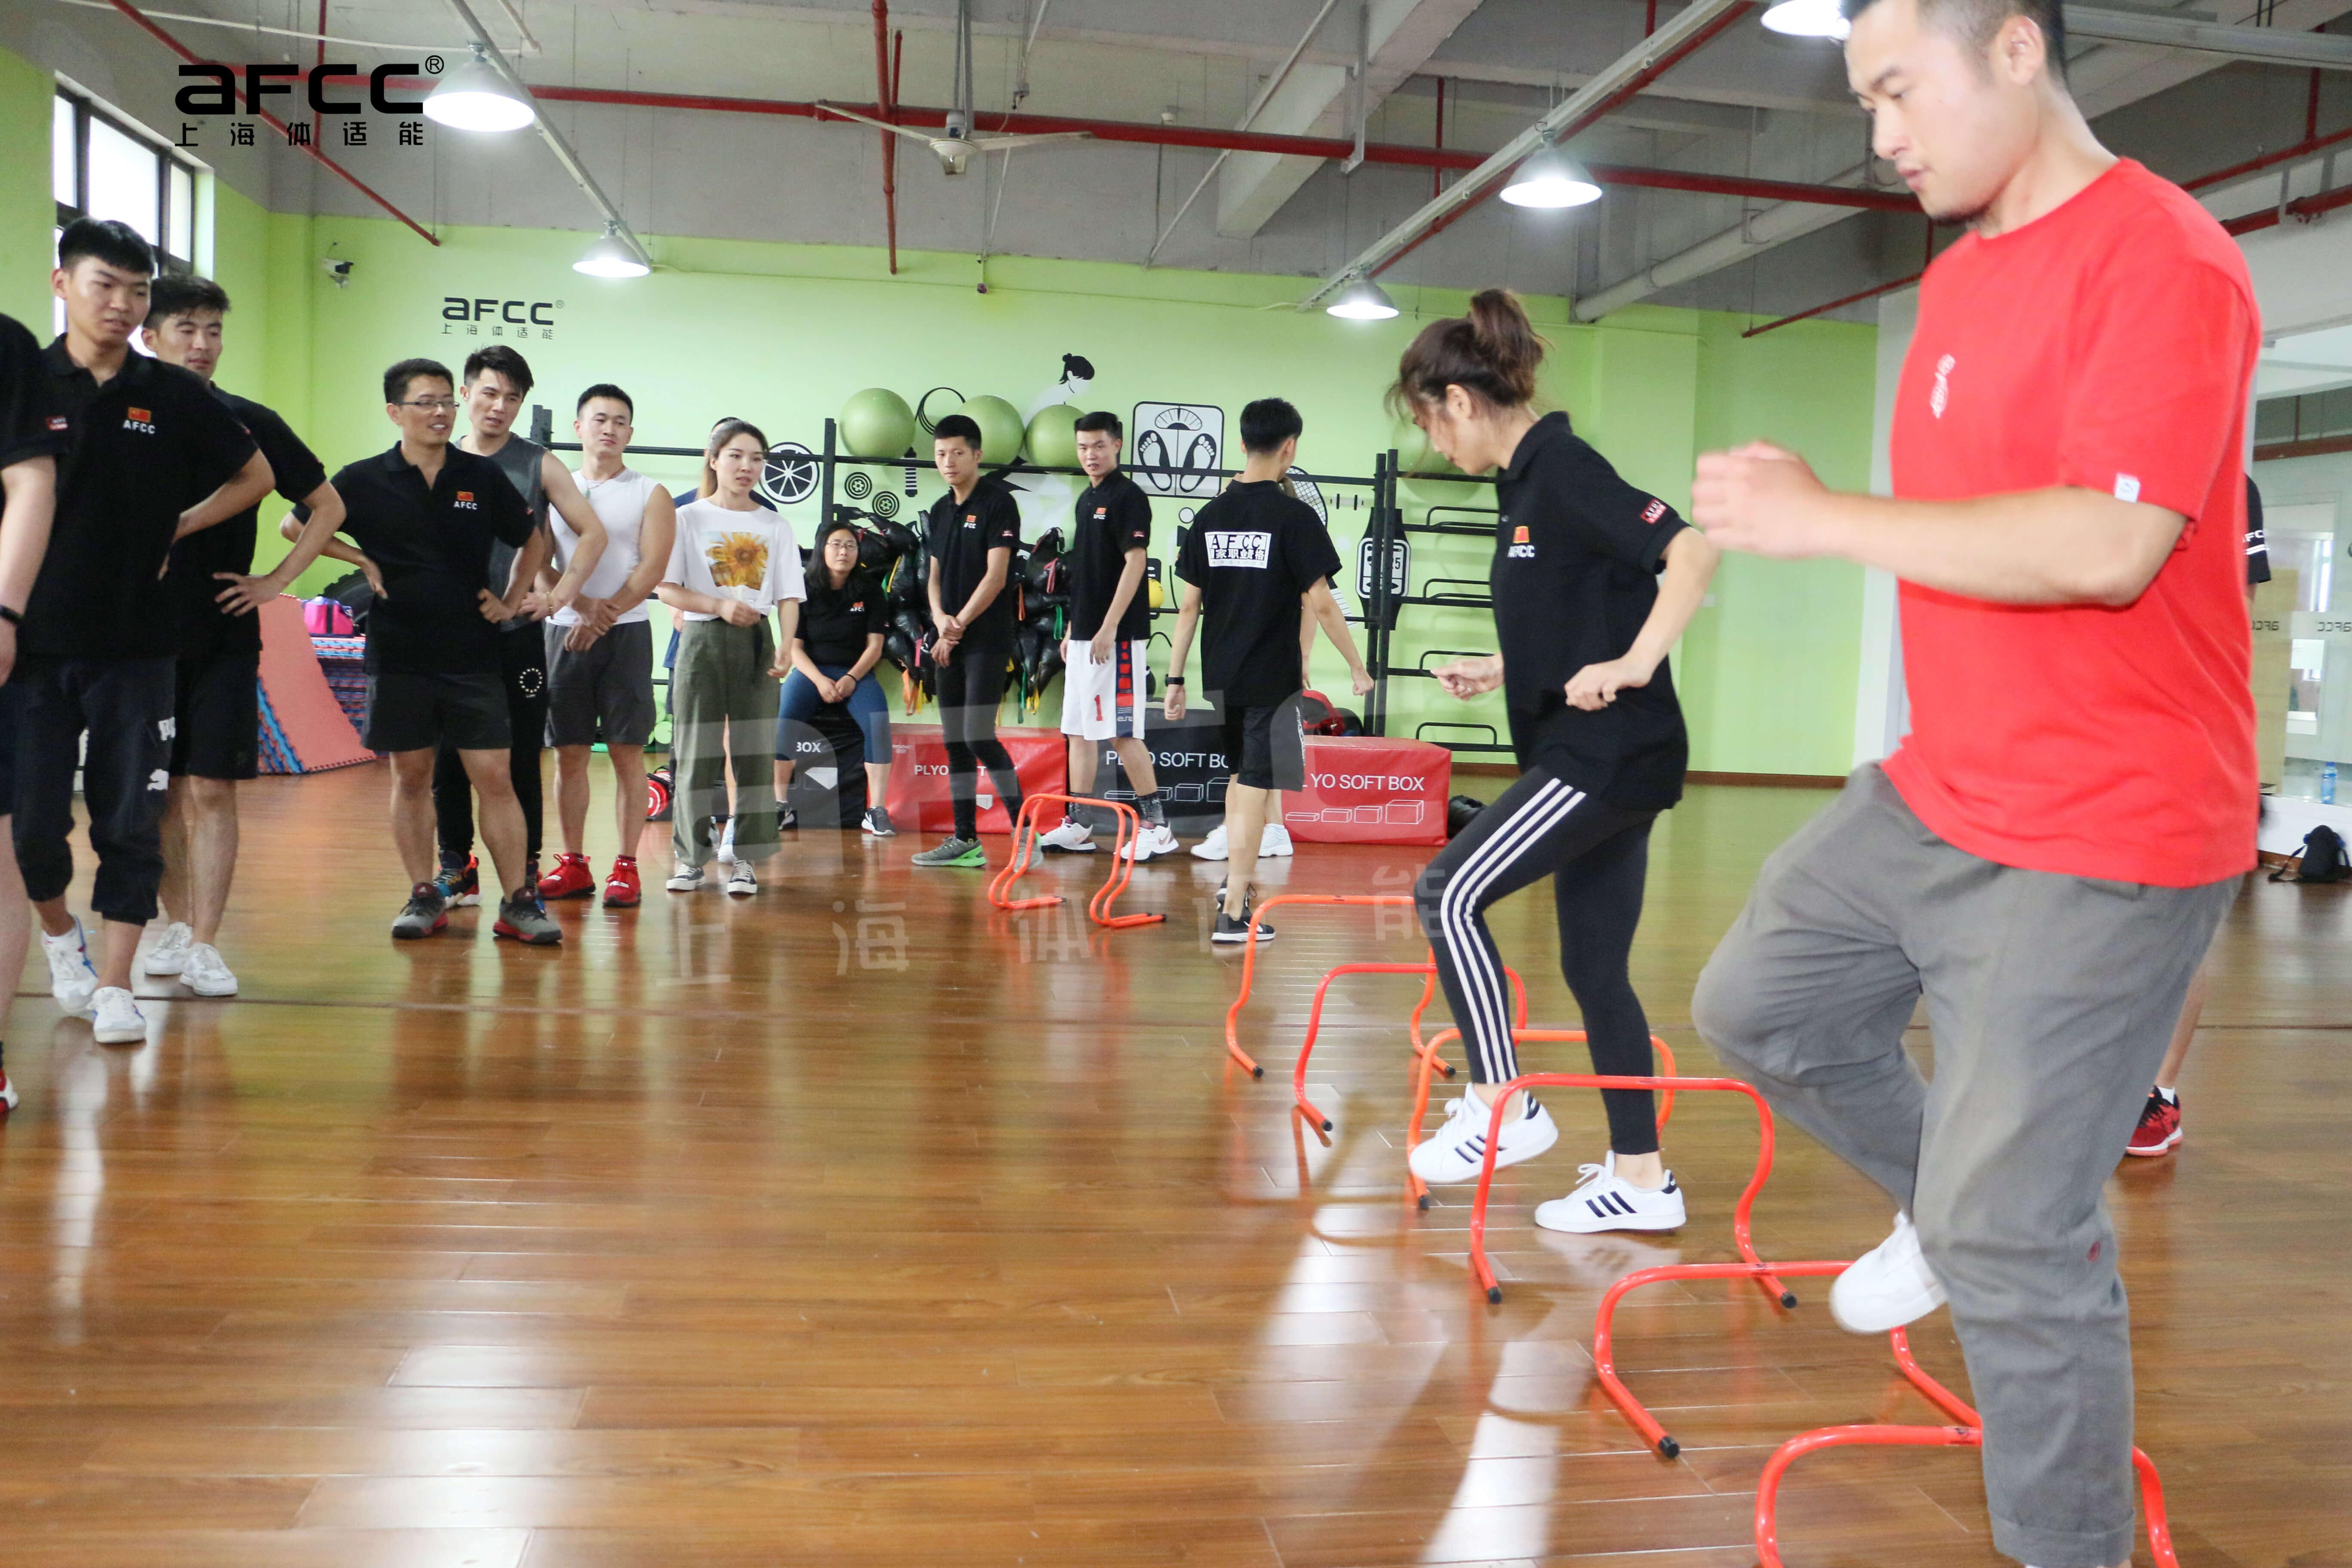 涉足少儿体适能市场的人却在少数,上海体适能算是其中之一